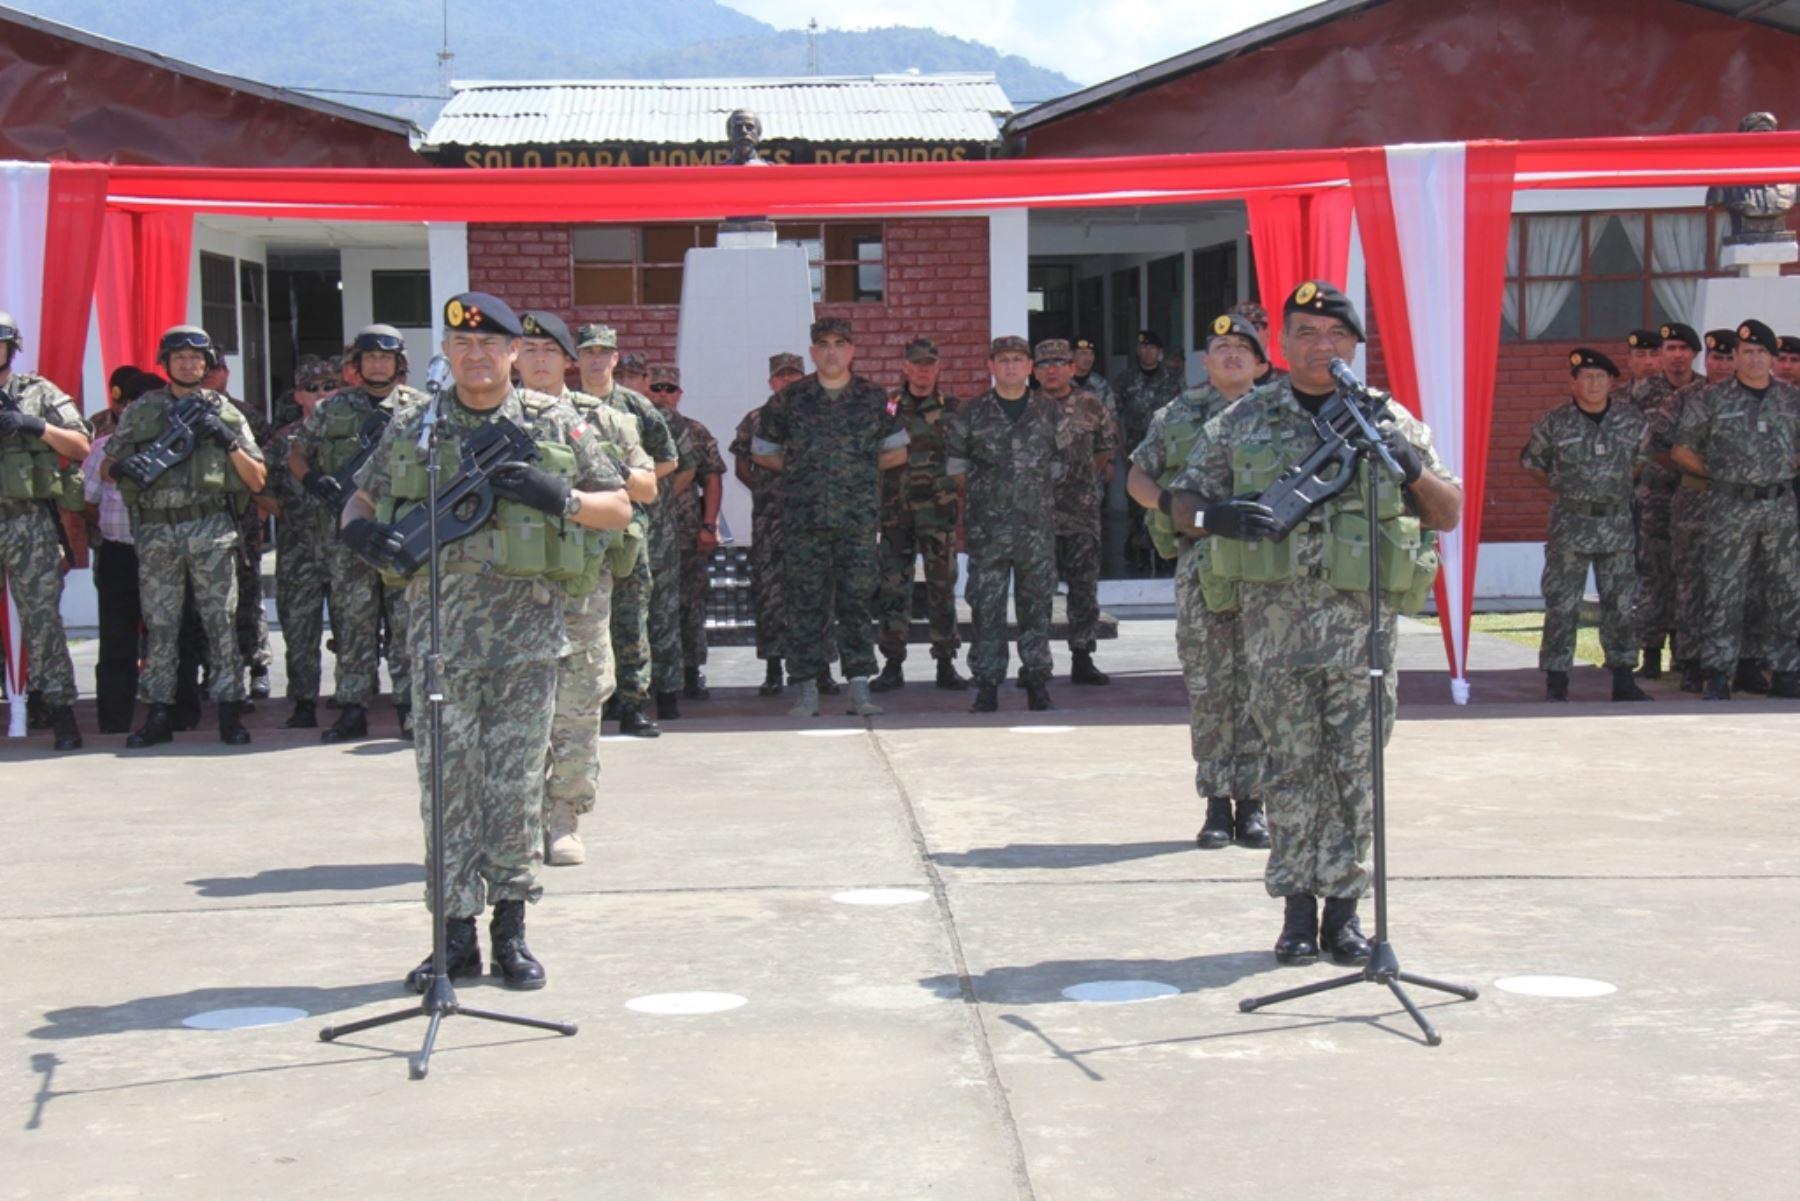 En una ceremonia castrense fue reconocido el General de Brigada César Astudillo Salcedo como el nuevo Comandante General del Comando Especial de los Valles de los Ríos Apurímac, Ene y Mantaro. (Ce - Vraem). Difusión